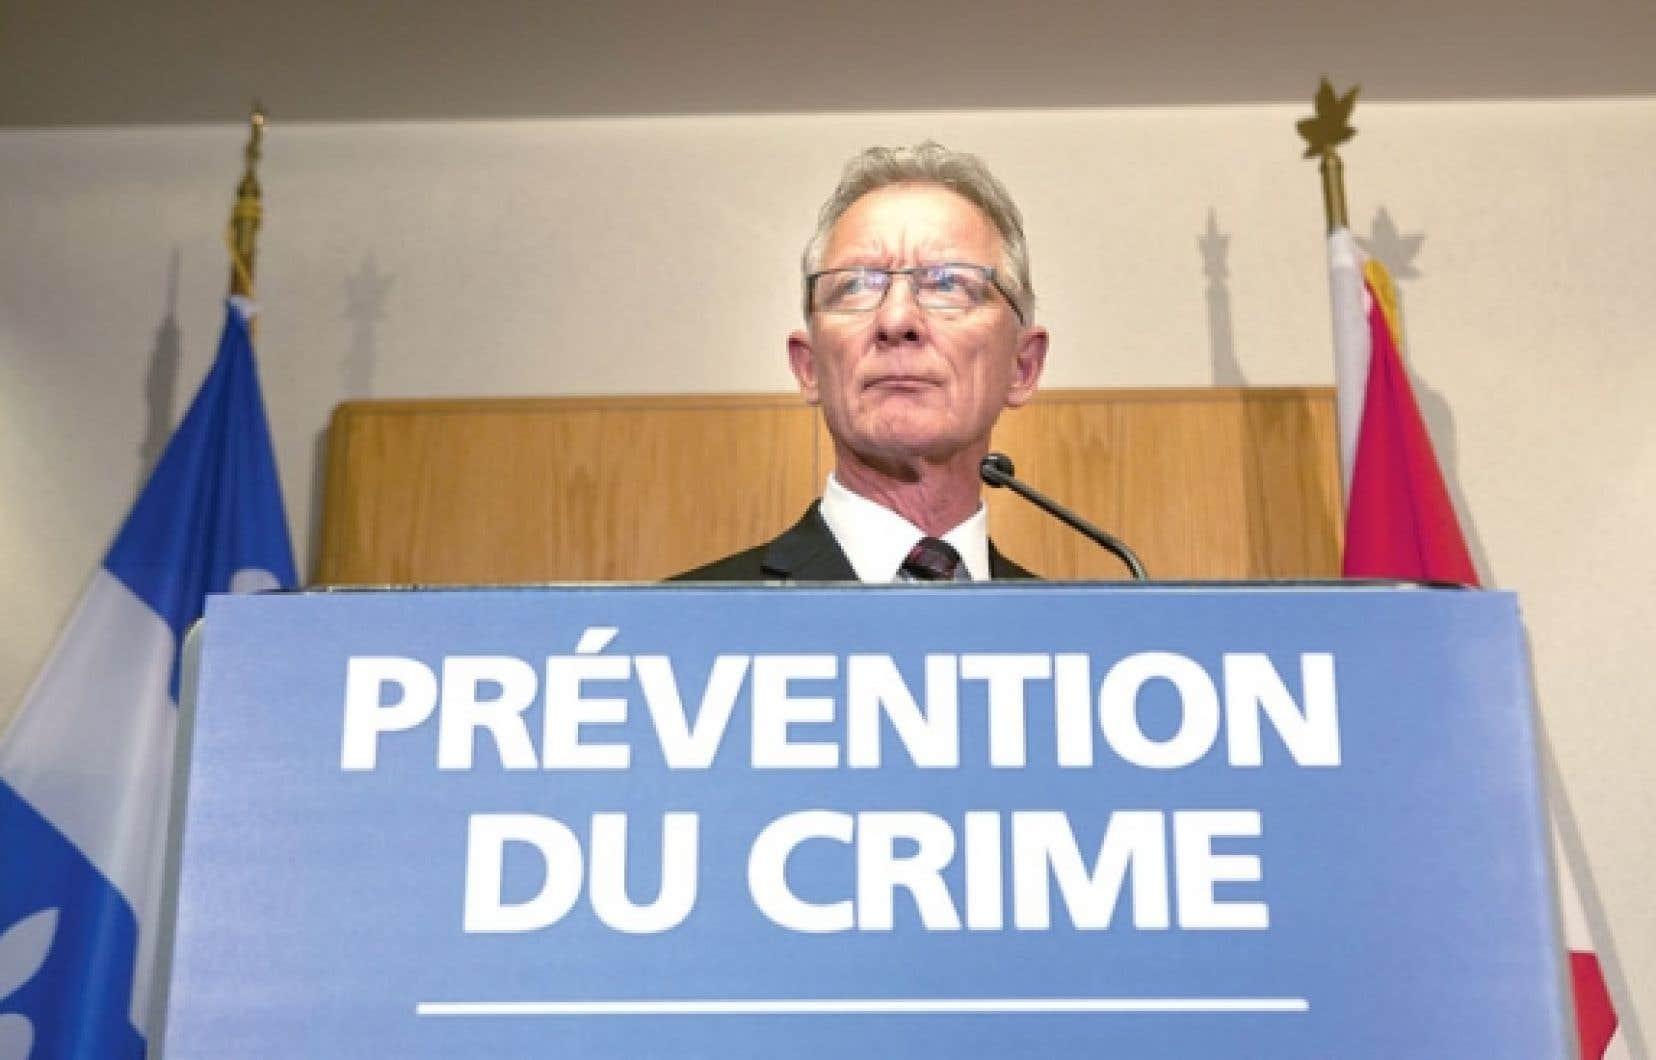 Le gouvernement du Canada vise les programmes de prévention pour s'attaquer à la violence des jeunes, à la délinquance chez les jeunes autochtones en milieu urbain et à l'intimidation dans les écoles, a expliqué le sénateur Pierre-Hugues Boisvenu.